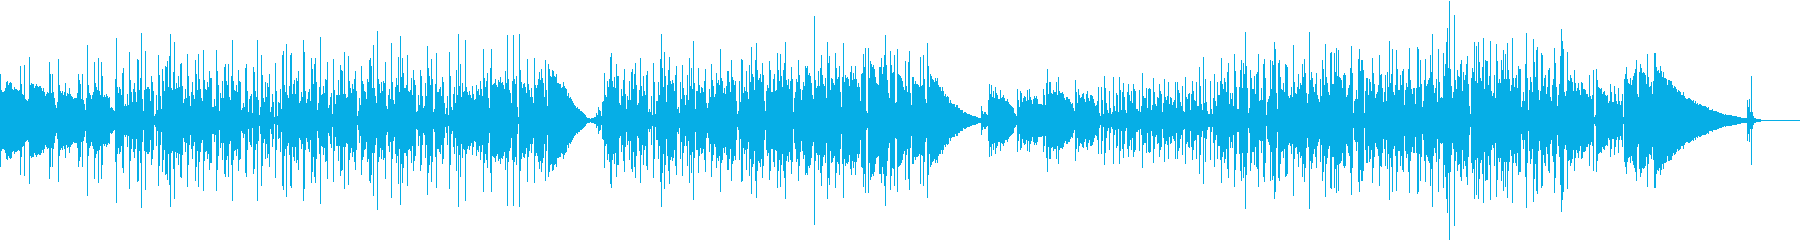 アコギ ローファイ ジャズ風の曲の再生済みの波形